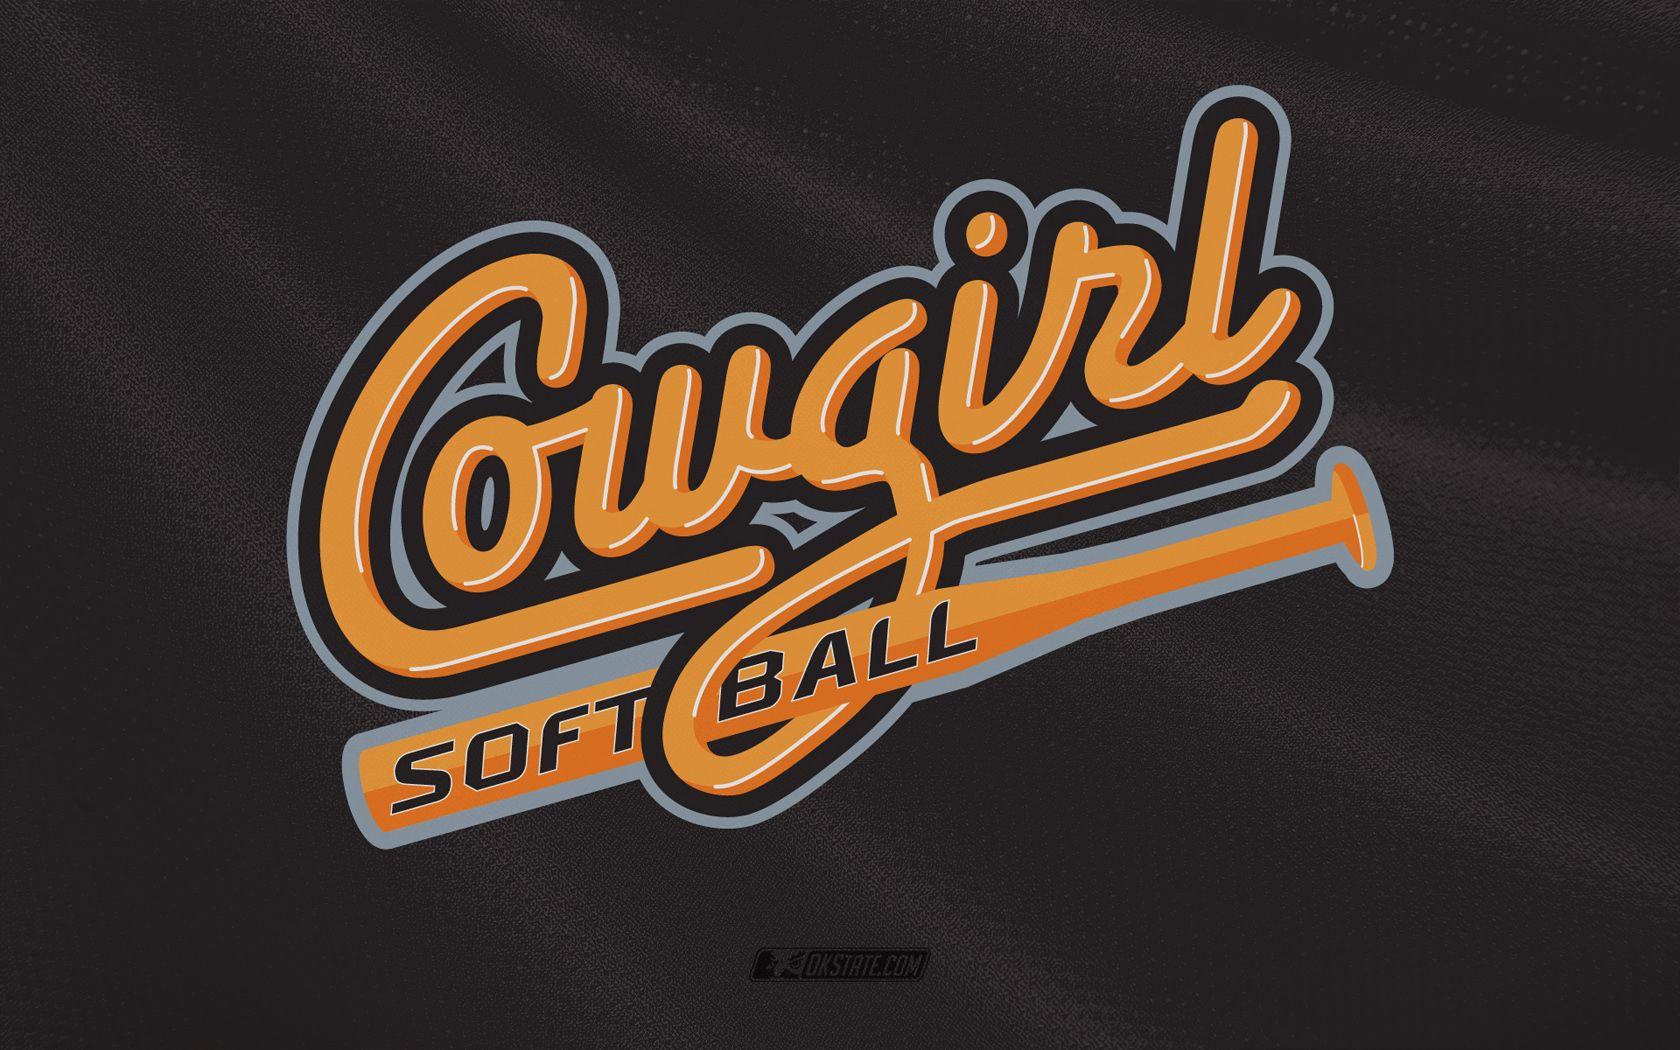 OSU Cowgirl Softball logo Softball logos, Softball